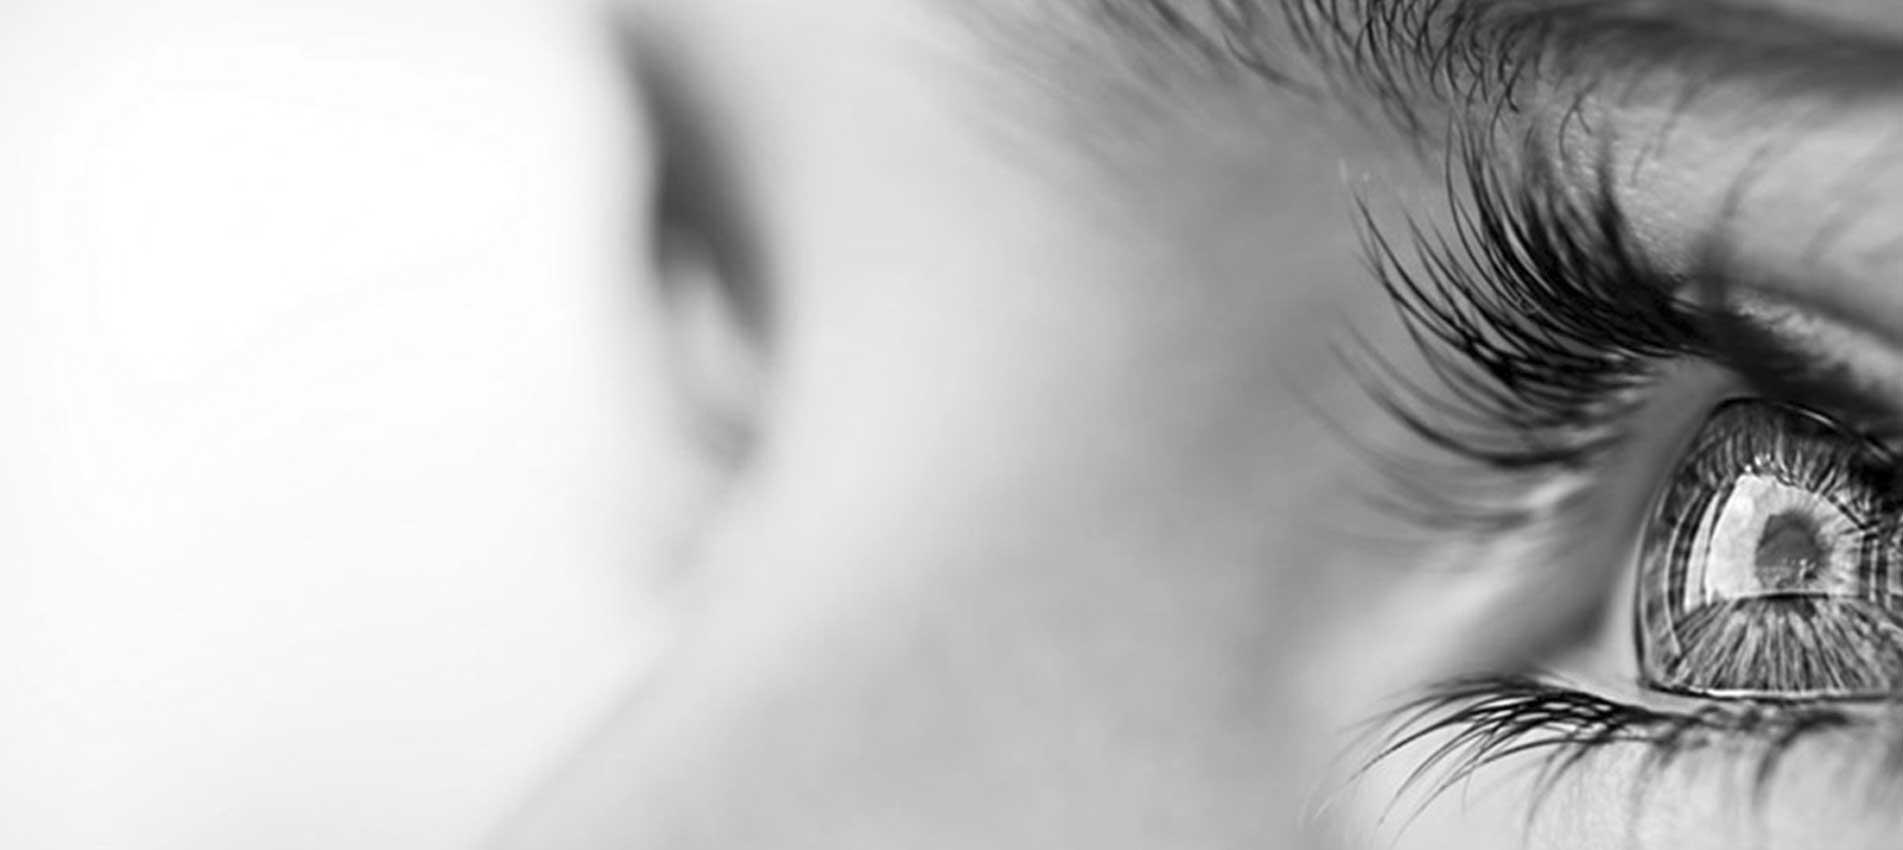 Chirurgie esthétique du visage à Paris - Dr Ozil